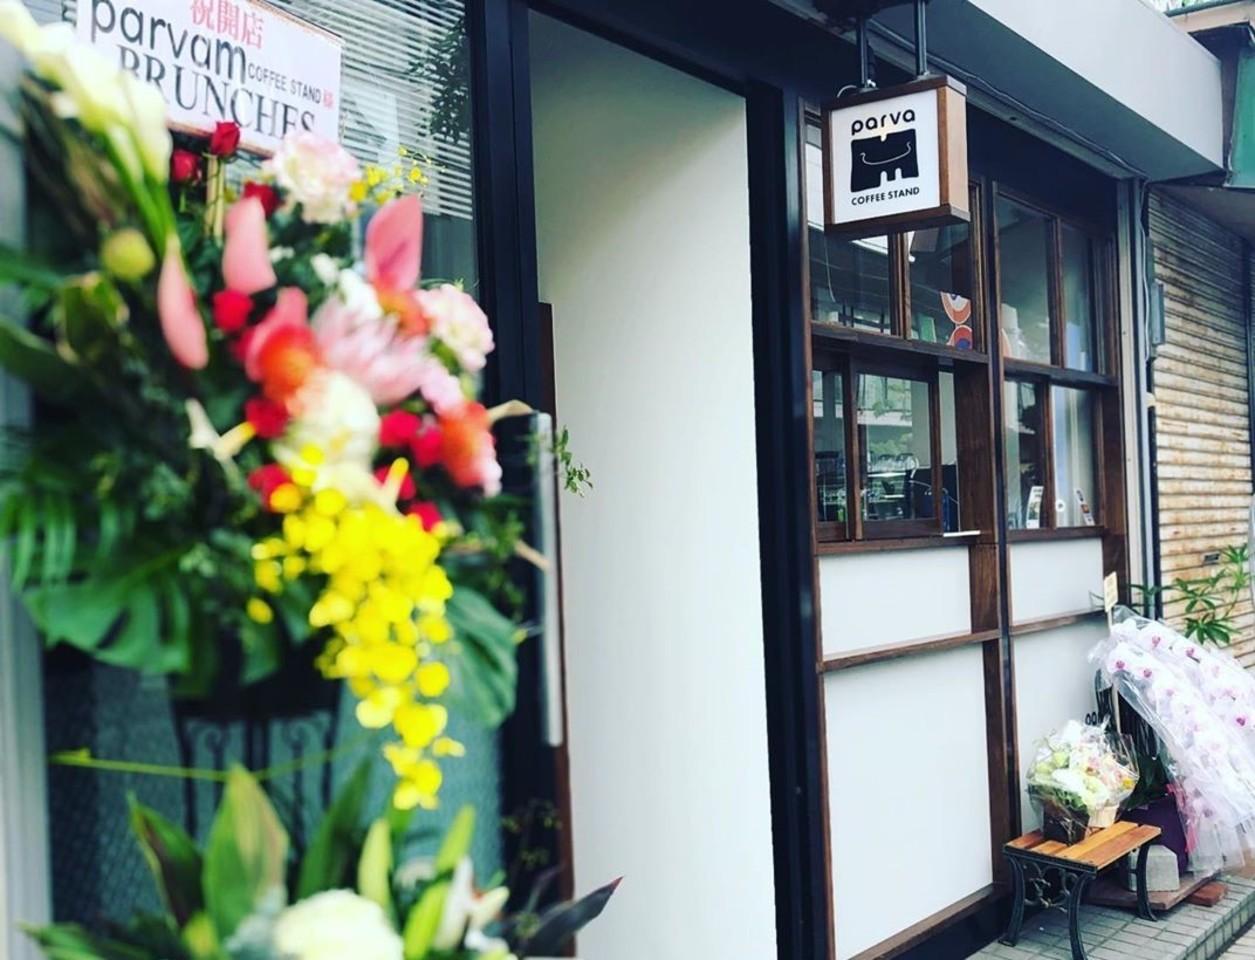 神奈川県藤沢市辻堂2丁目に「パルア エム コーヒースタンド」が明日グランドオープンのようです。